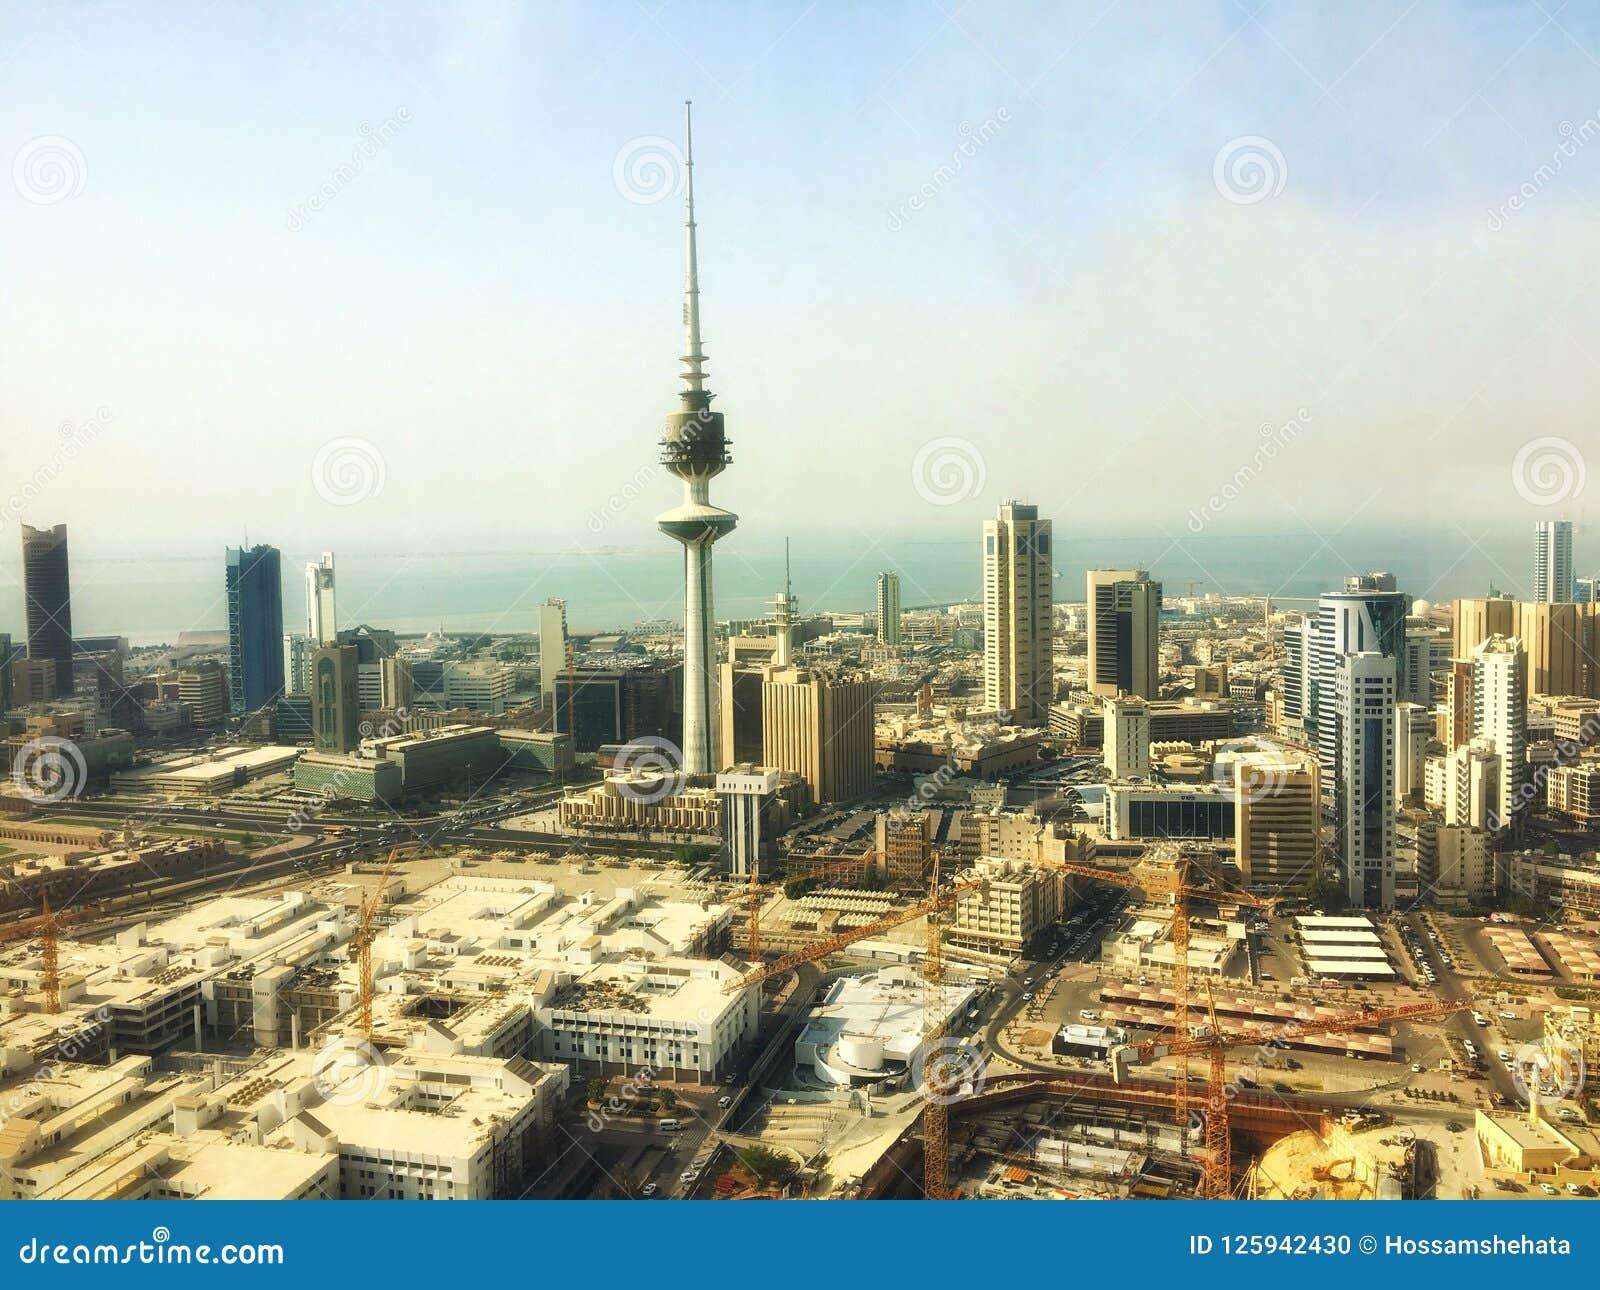 Kuwait City stock photo  Image of city, liberation, hossam